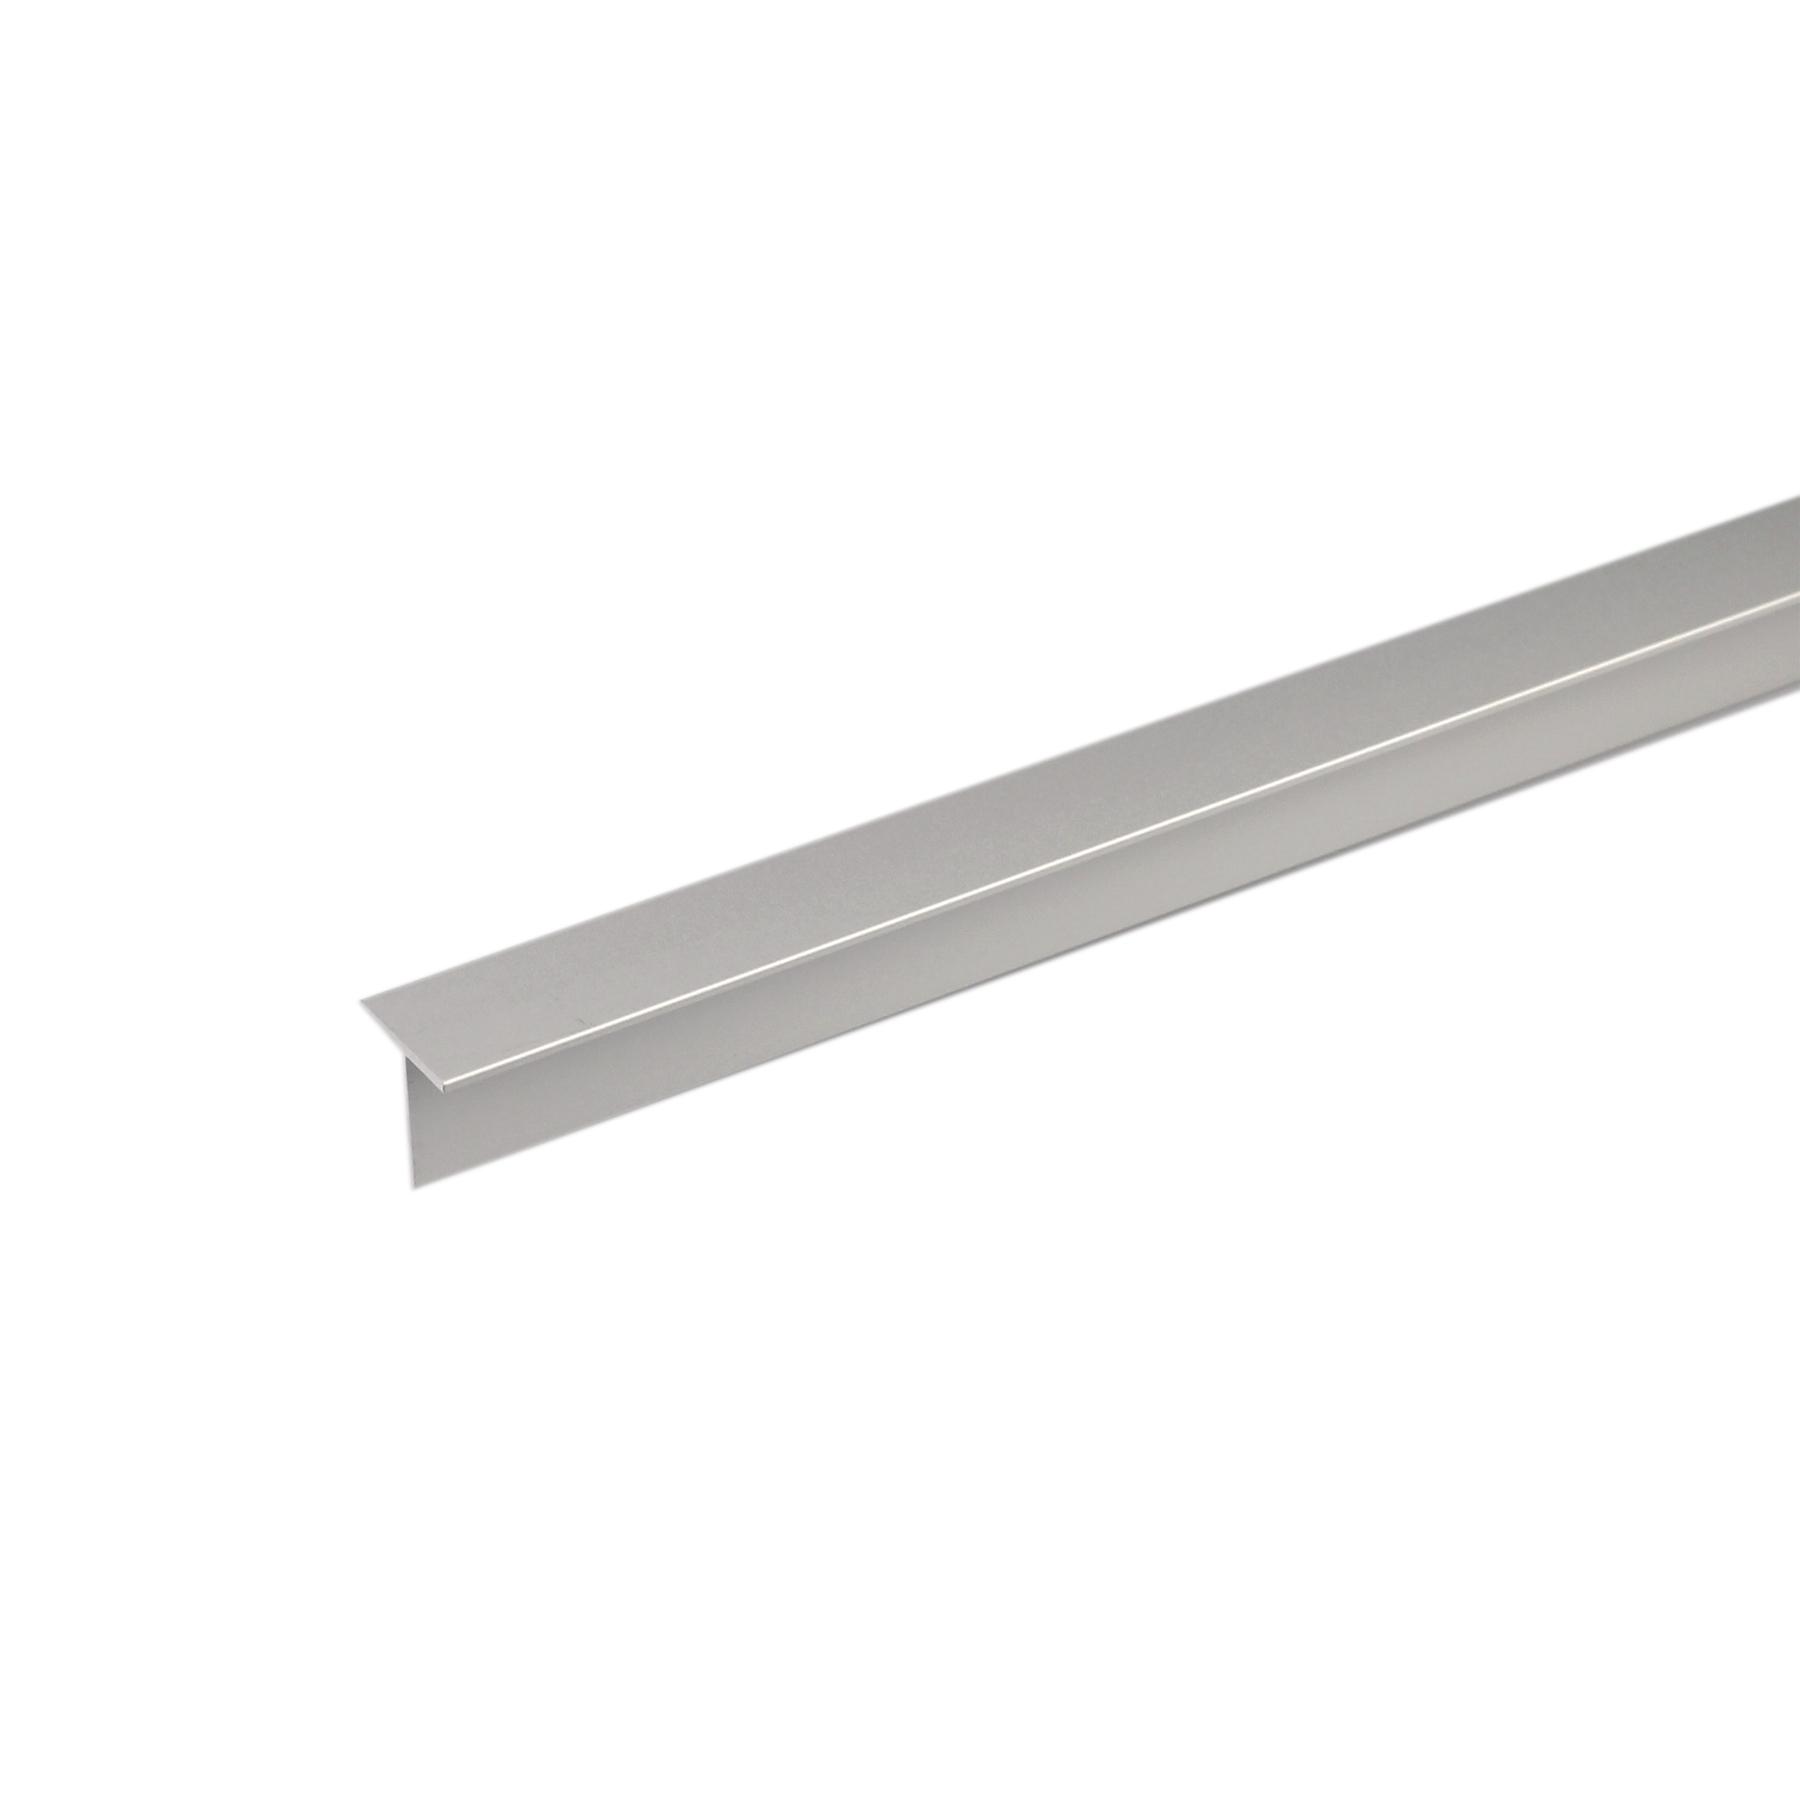 Perfil alum nio t 1mx15x15mm anodizado leroy merlin for Perfil u aluminio leroy merlin